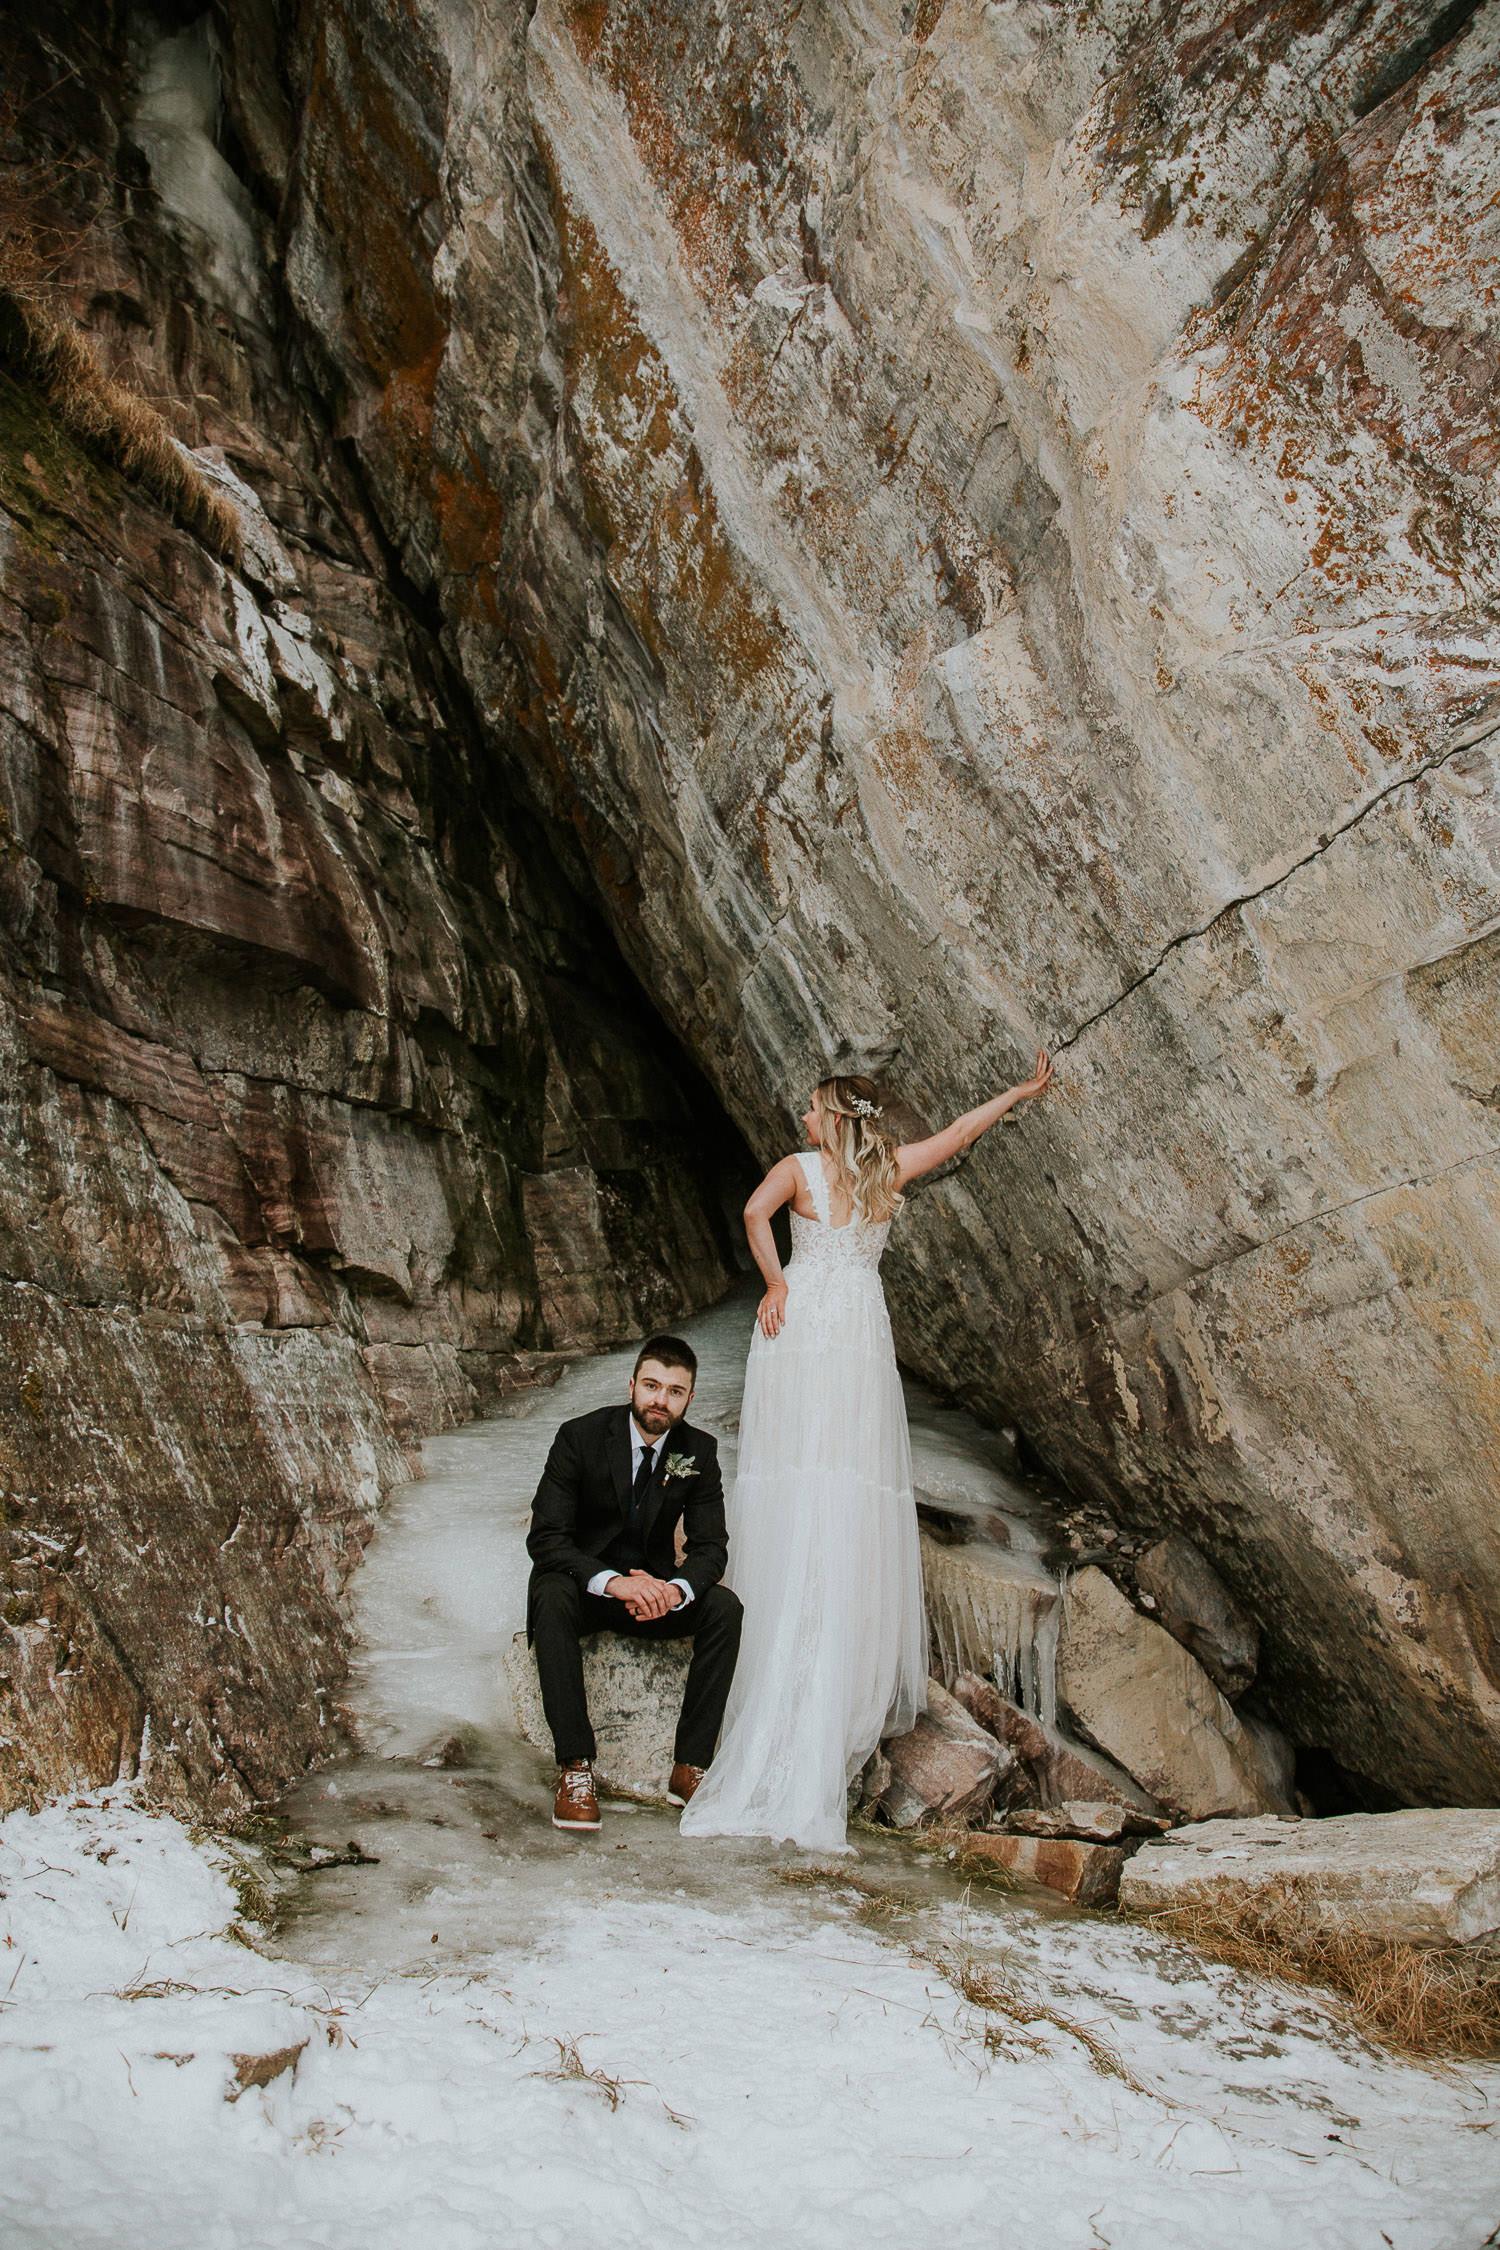 Canadian Rocky Mountain wedding photographer Sarah Pukin